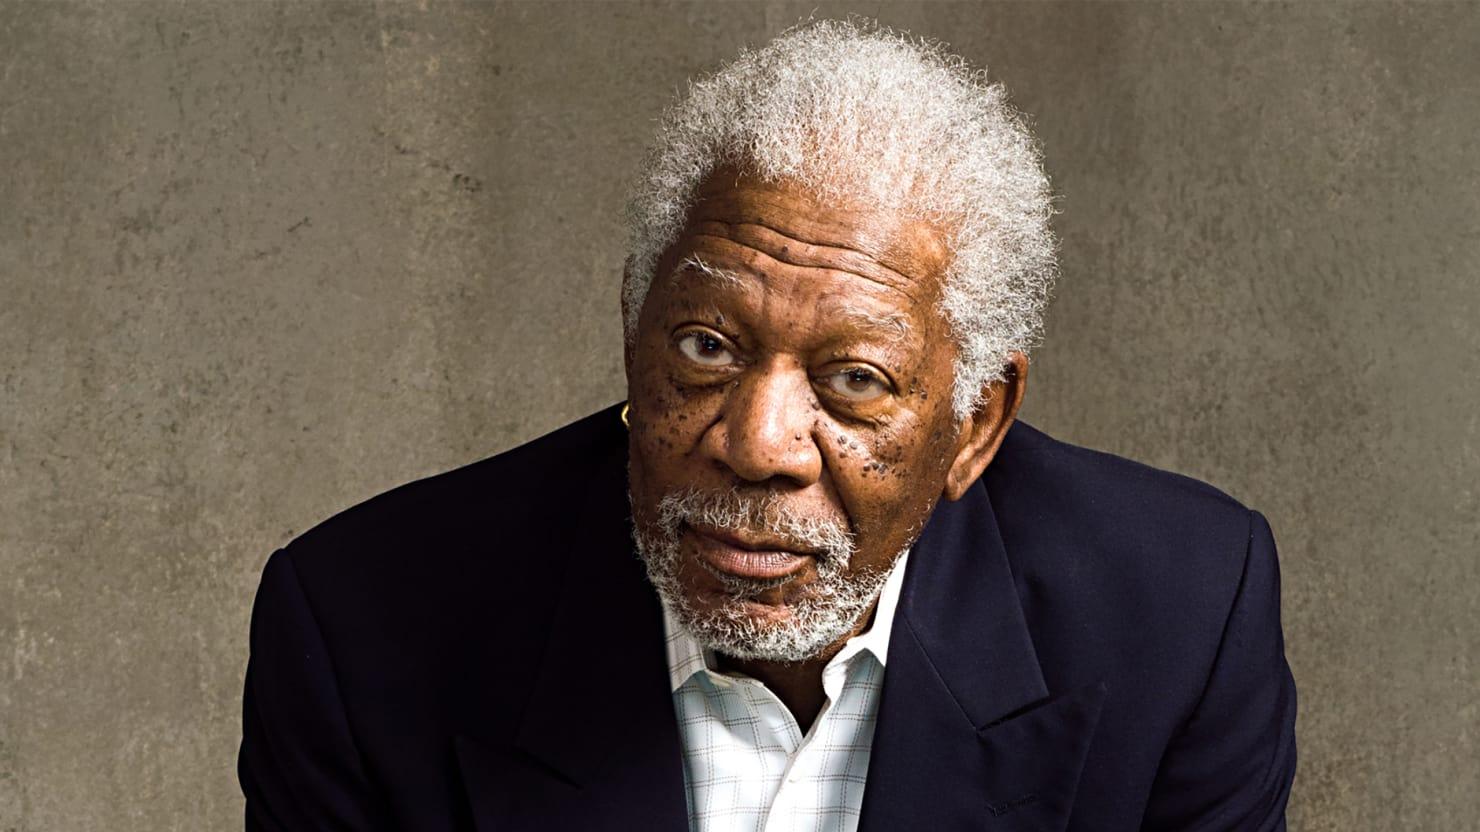 Morgan Freeman risponde alle accuse di molestie sessuali